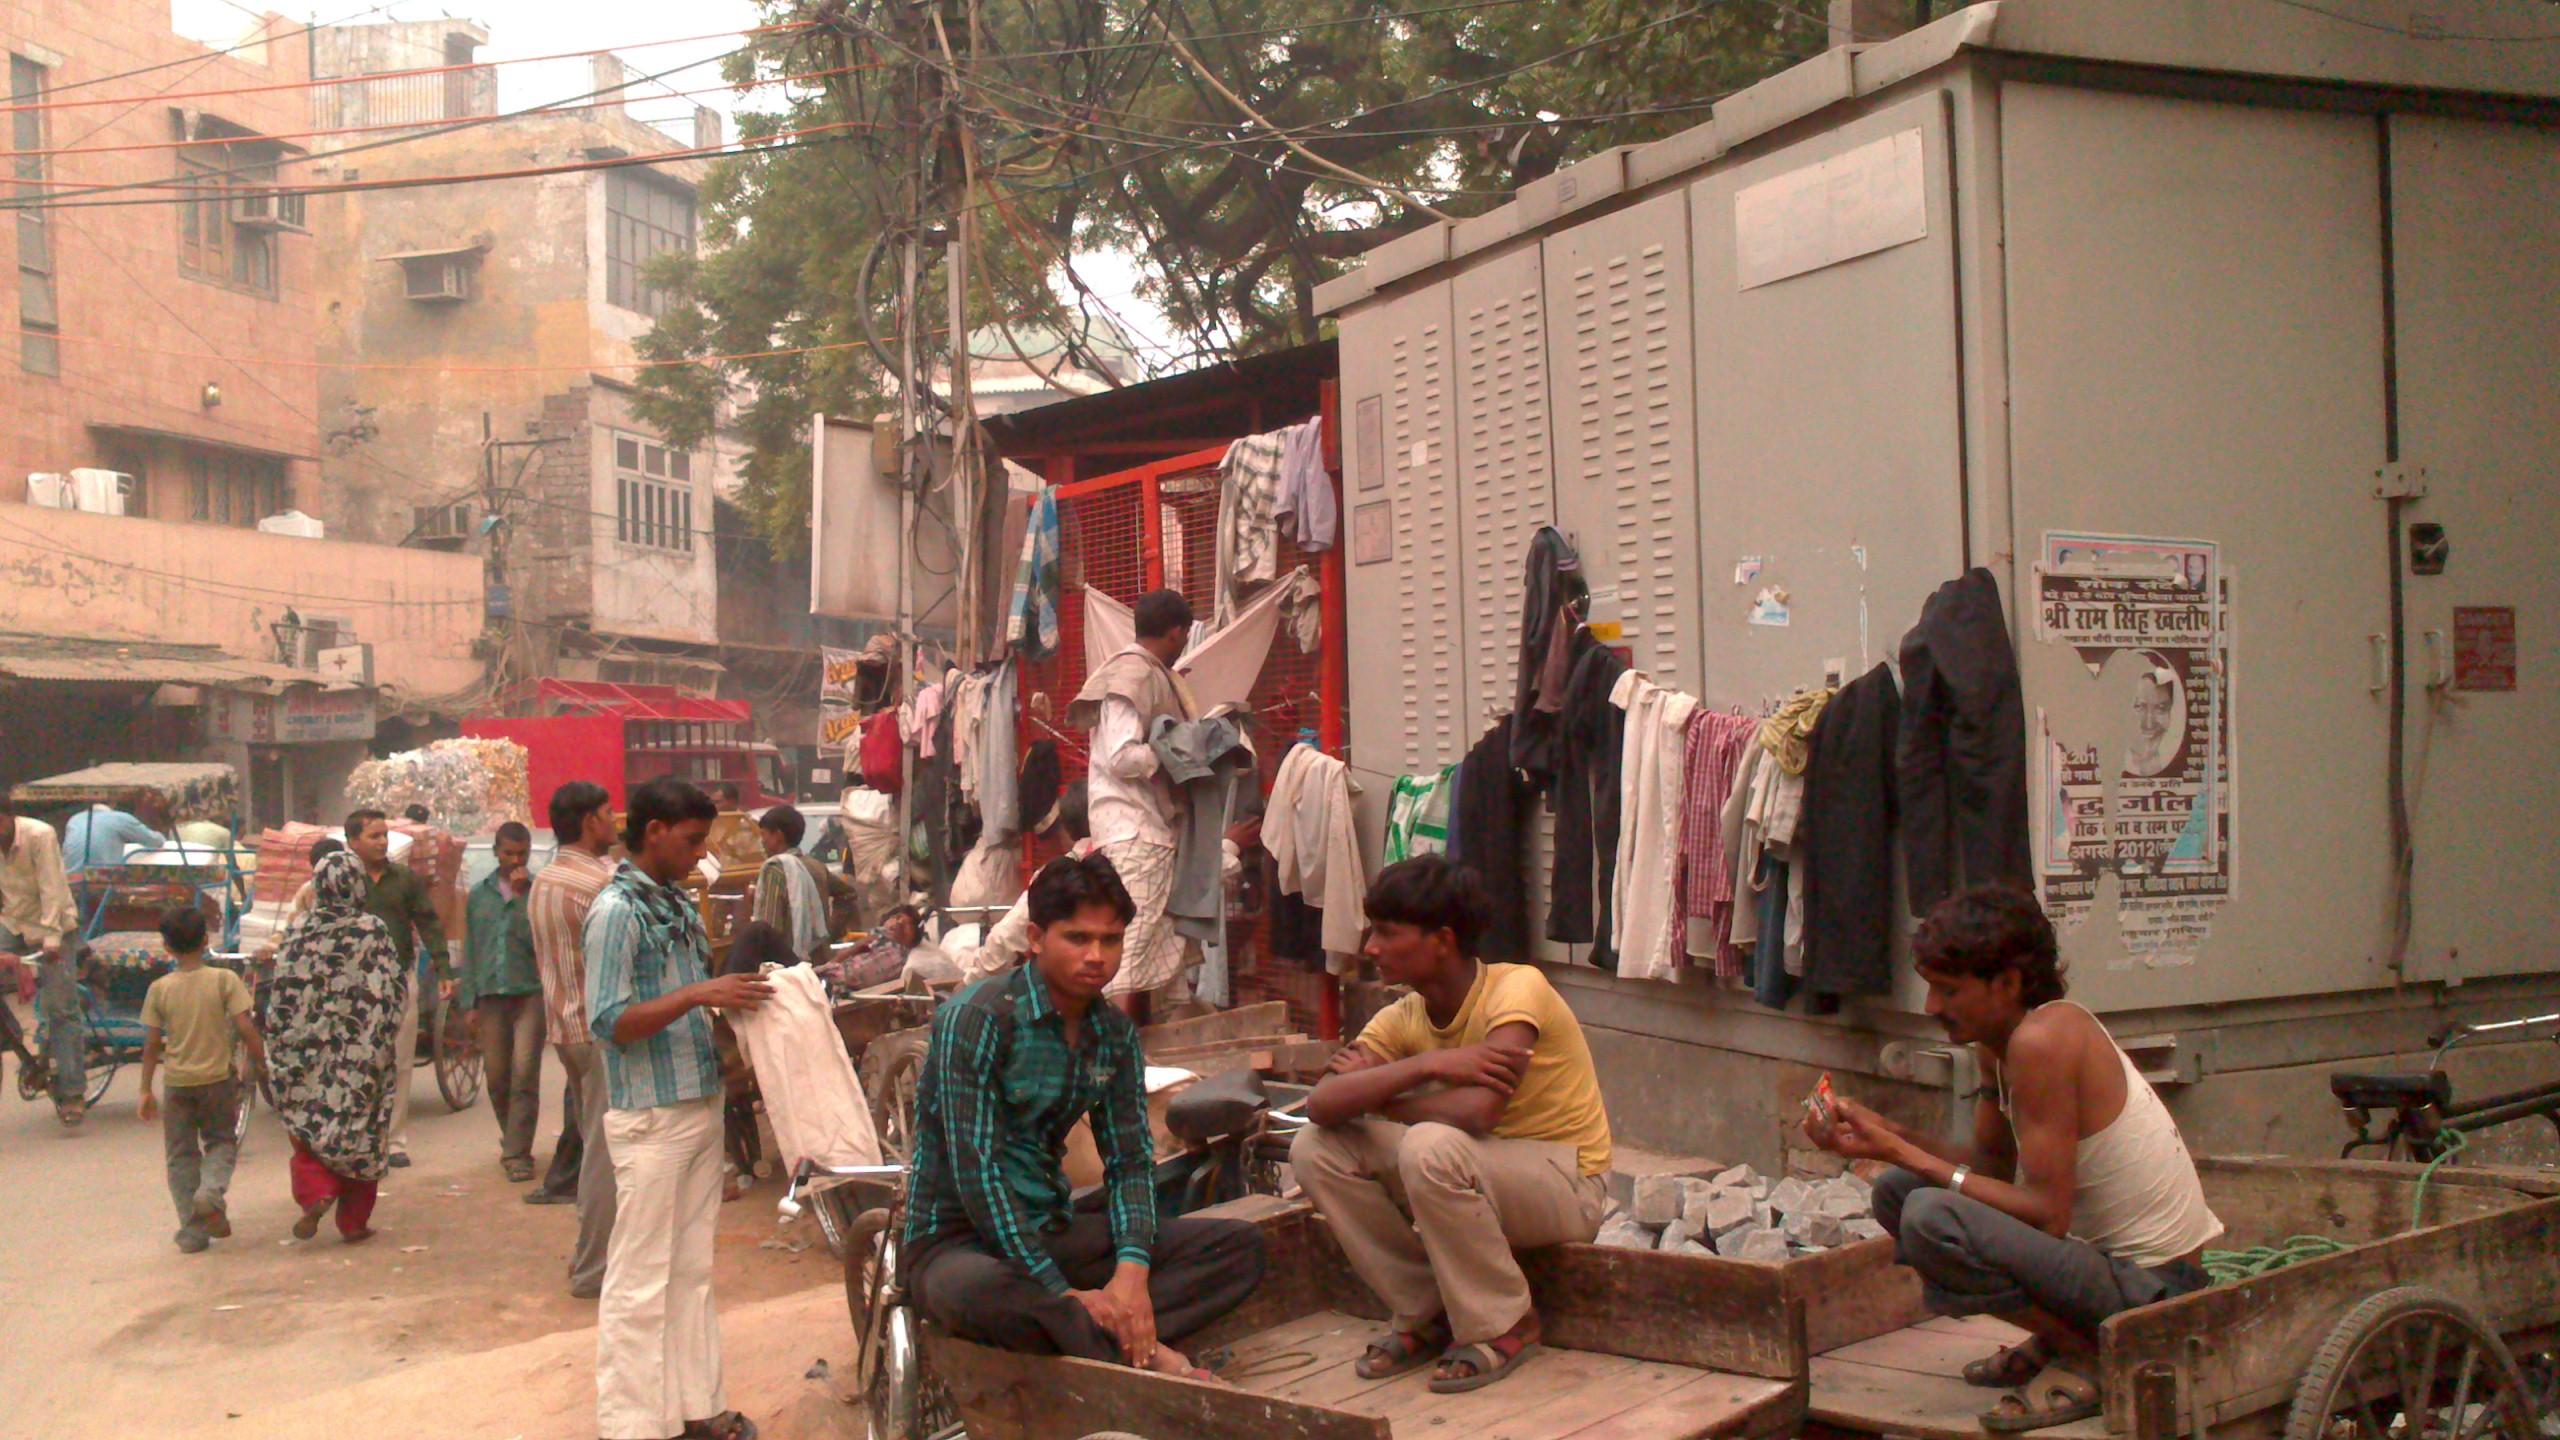 Incontri stranieri a Delhi